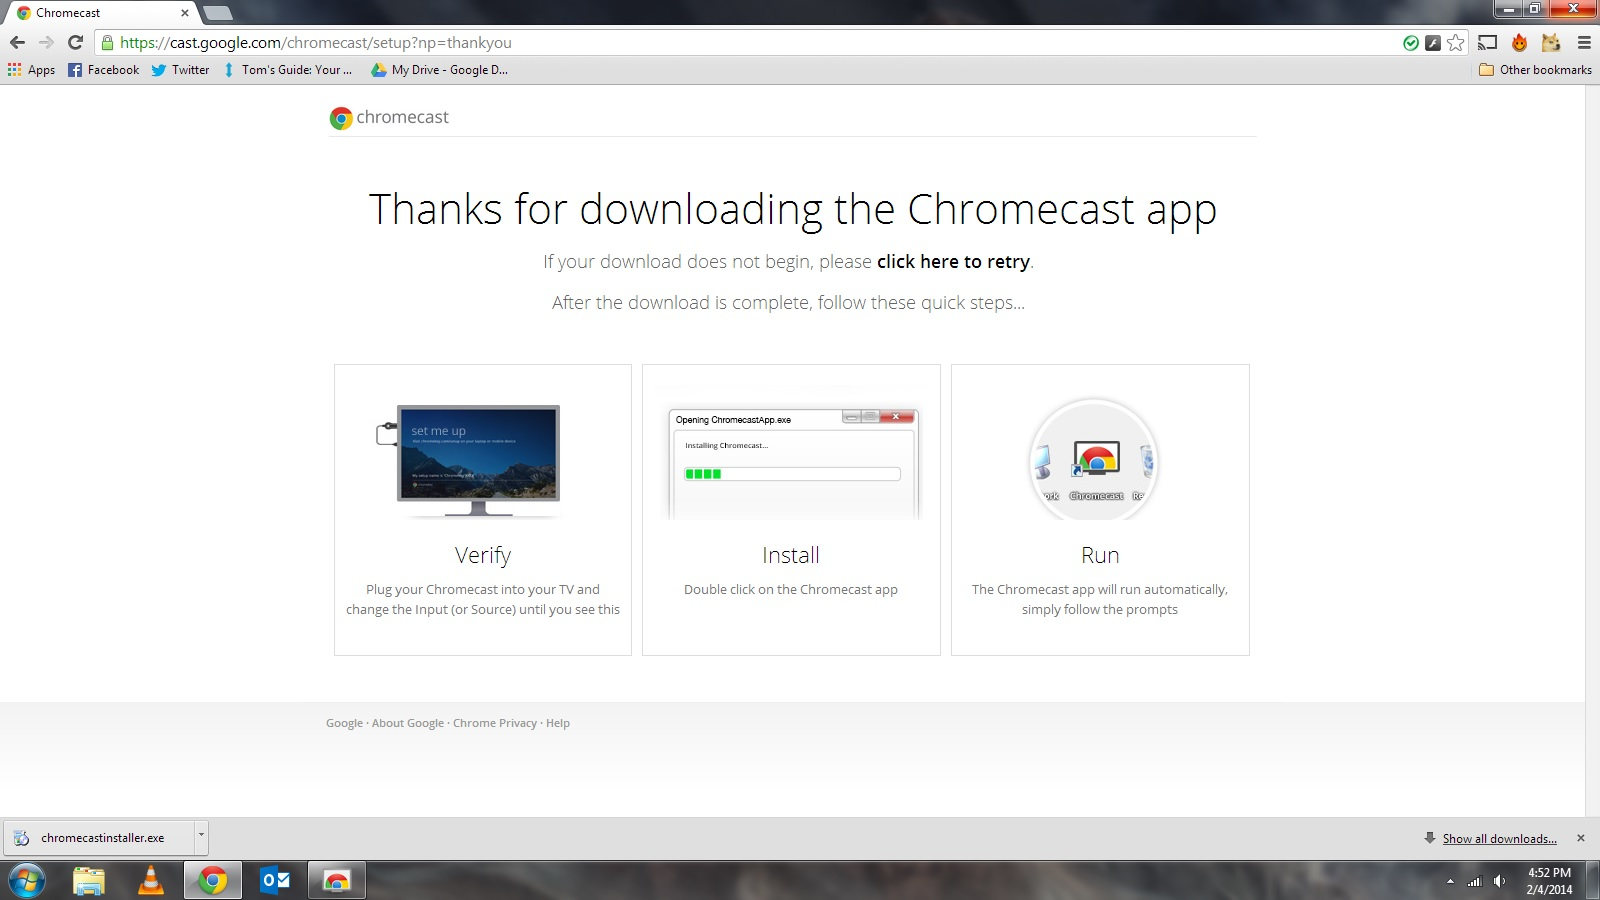 chromecast_setup_2.jpg